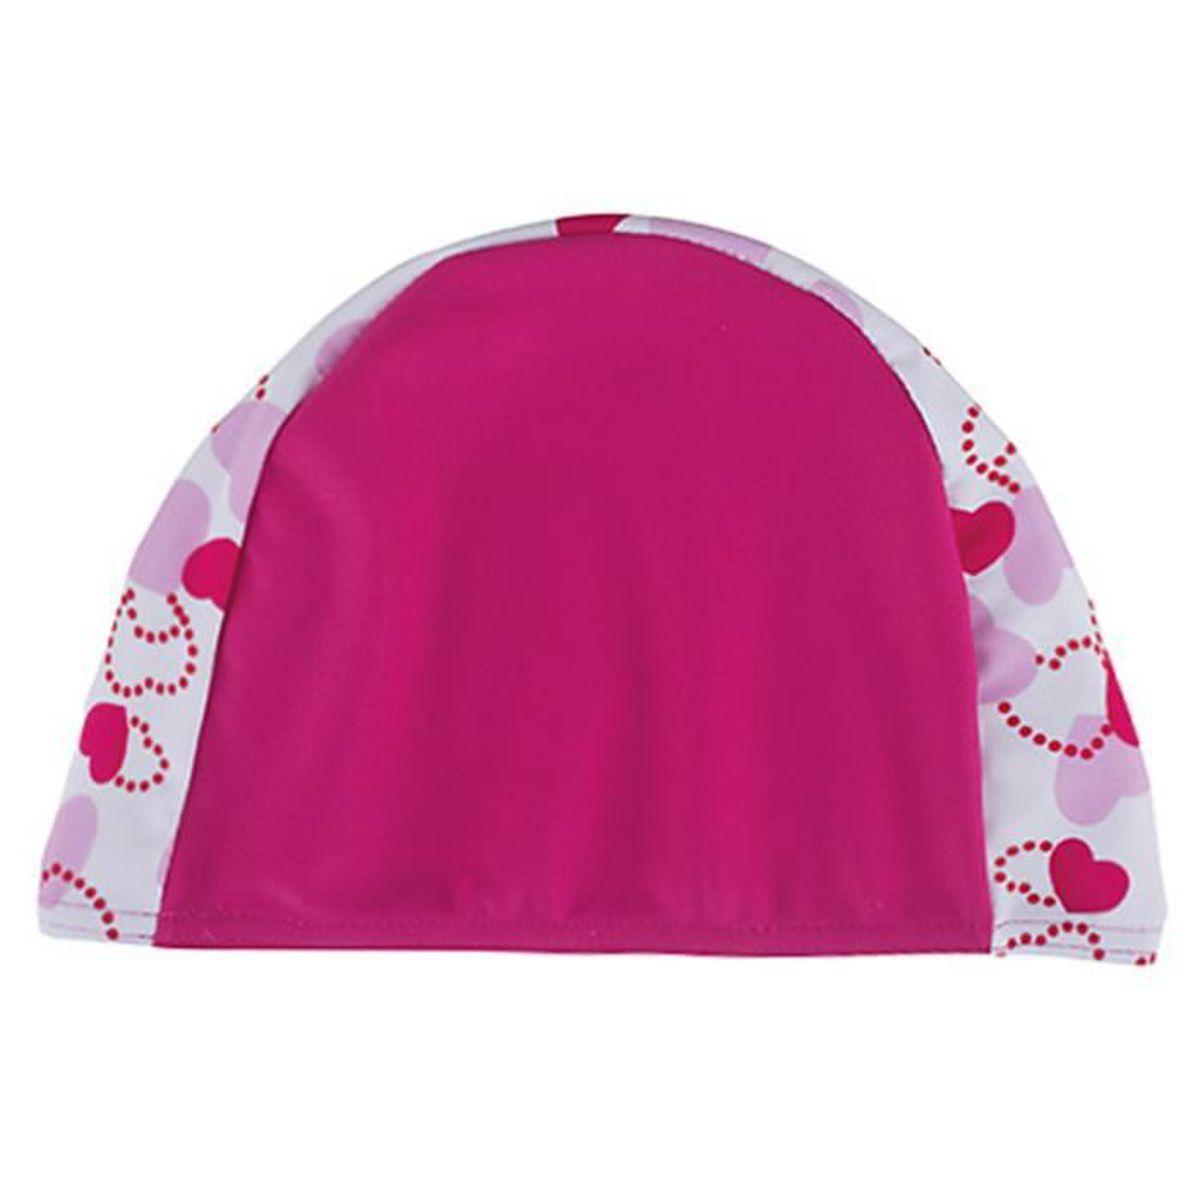 c90b2df773f5 Bonnet de bain enfant rose avec coeur en tissu ,U Rose - Prix pas ...